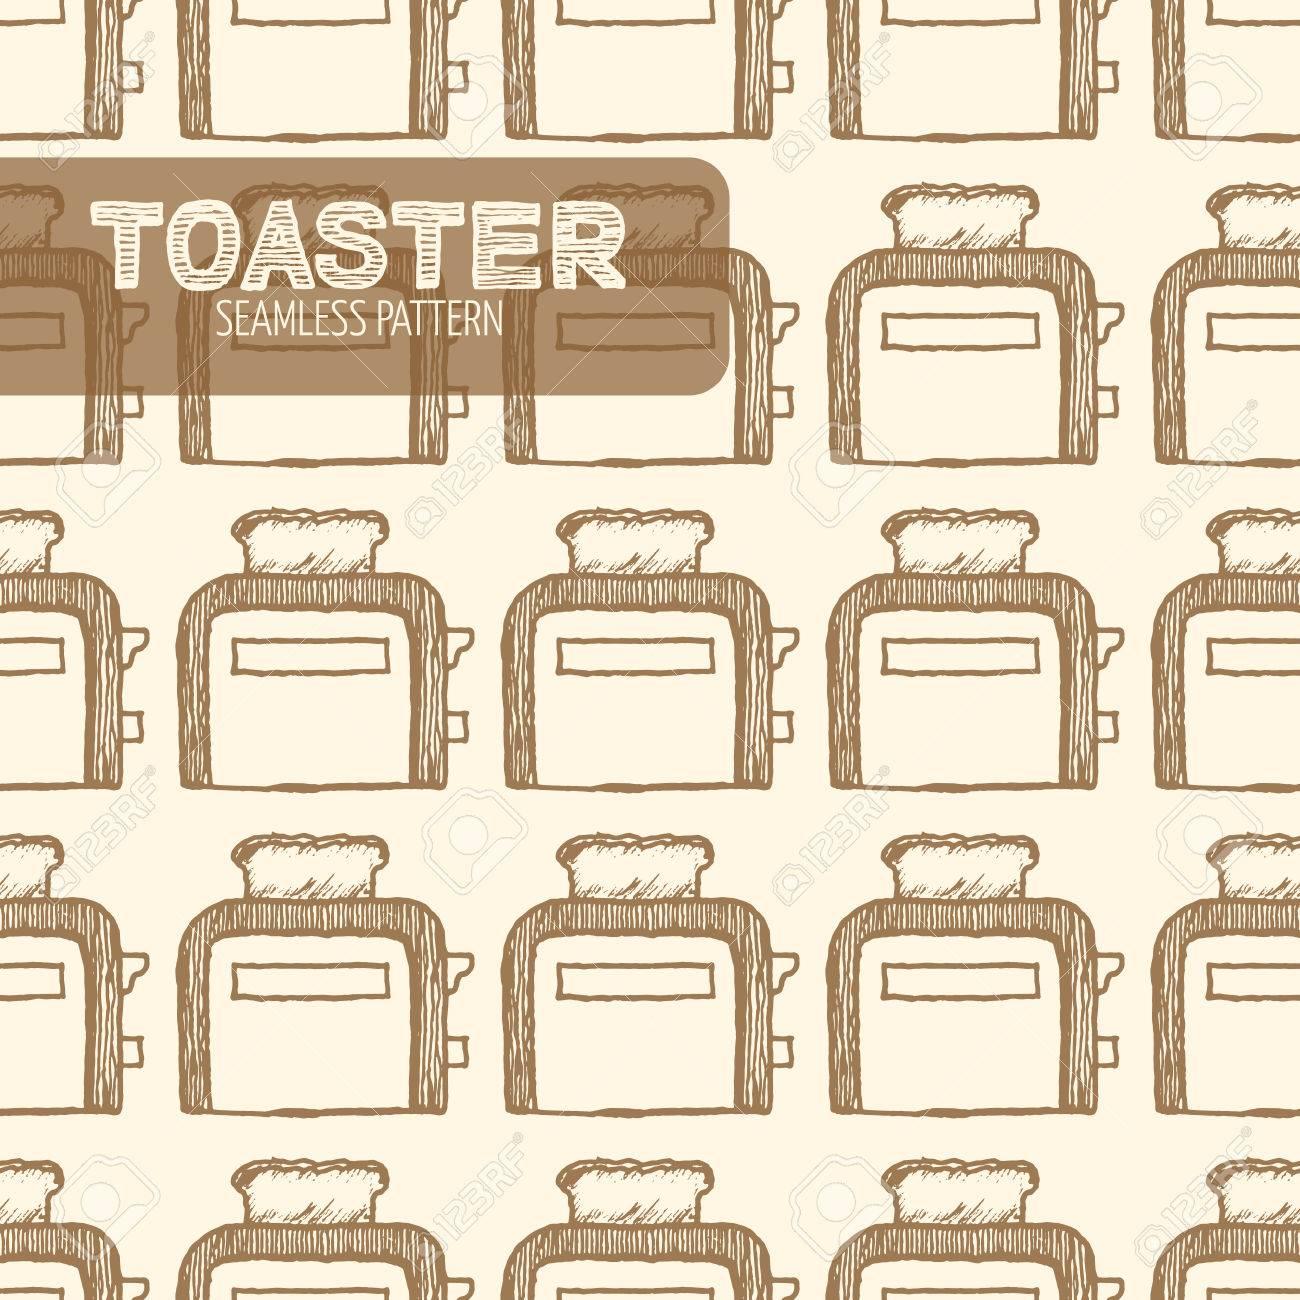 Toaster seamless pattern. Vintage style, plume et encre tirée par la main. Vector seamless pattern. Retro élément de design pour l'emballage magasin